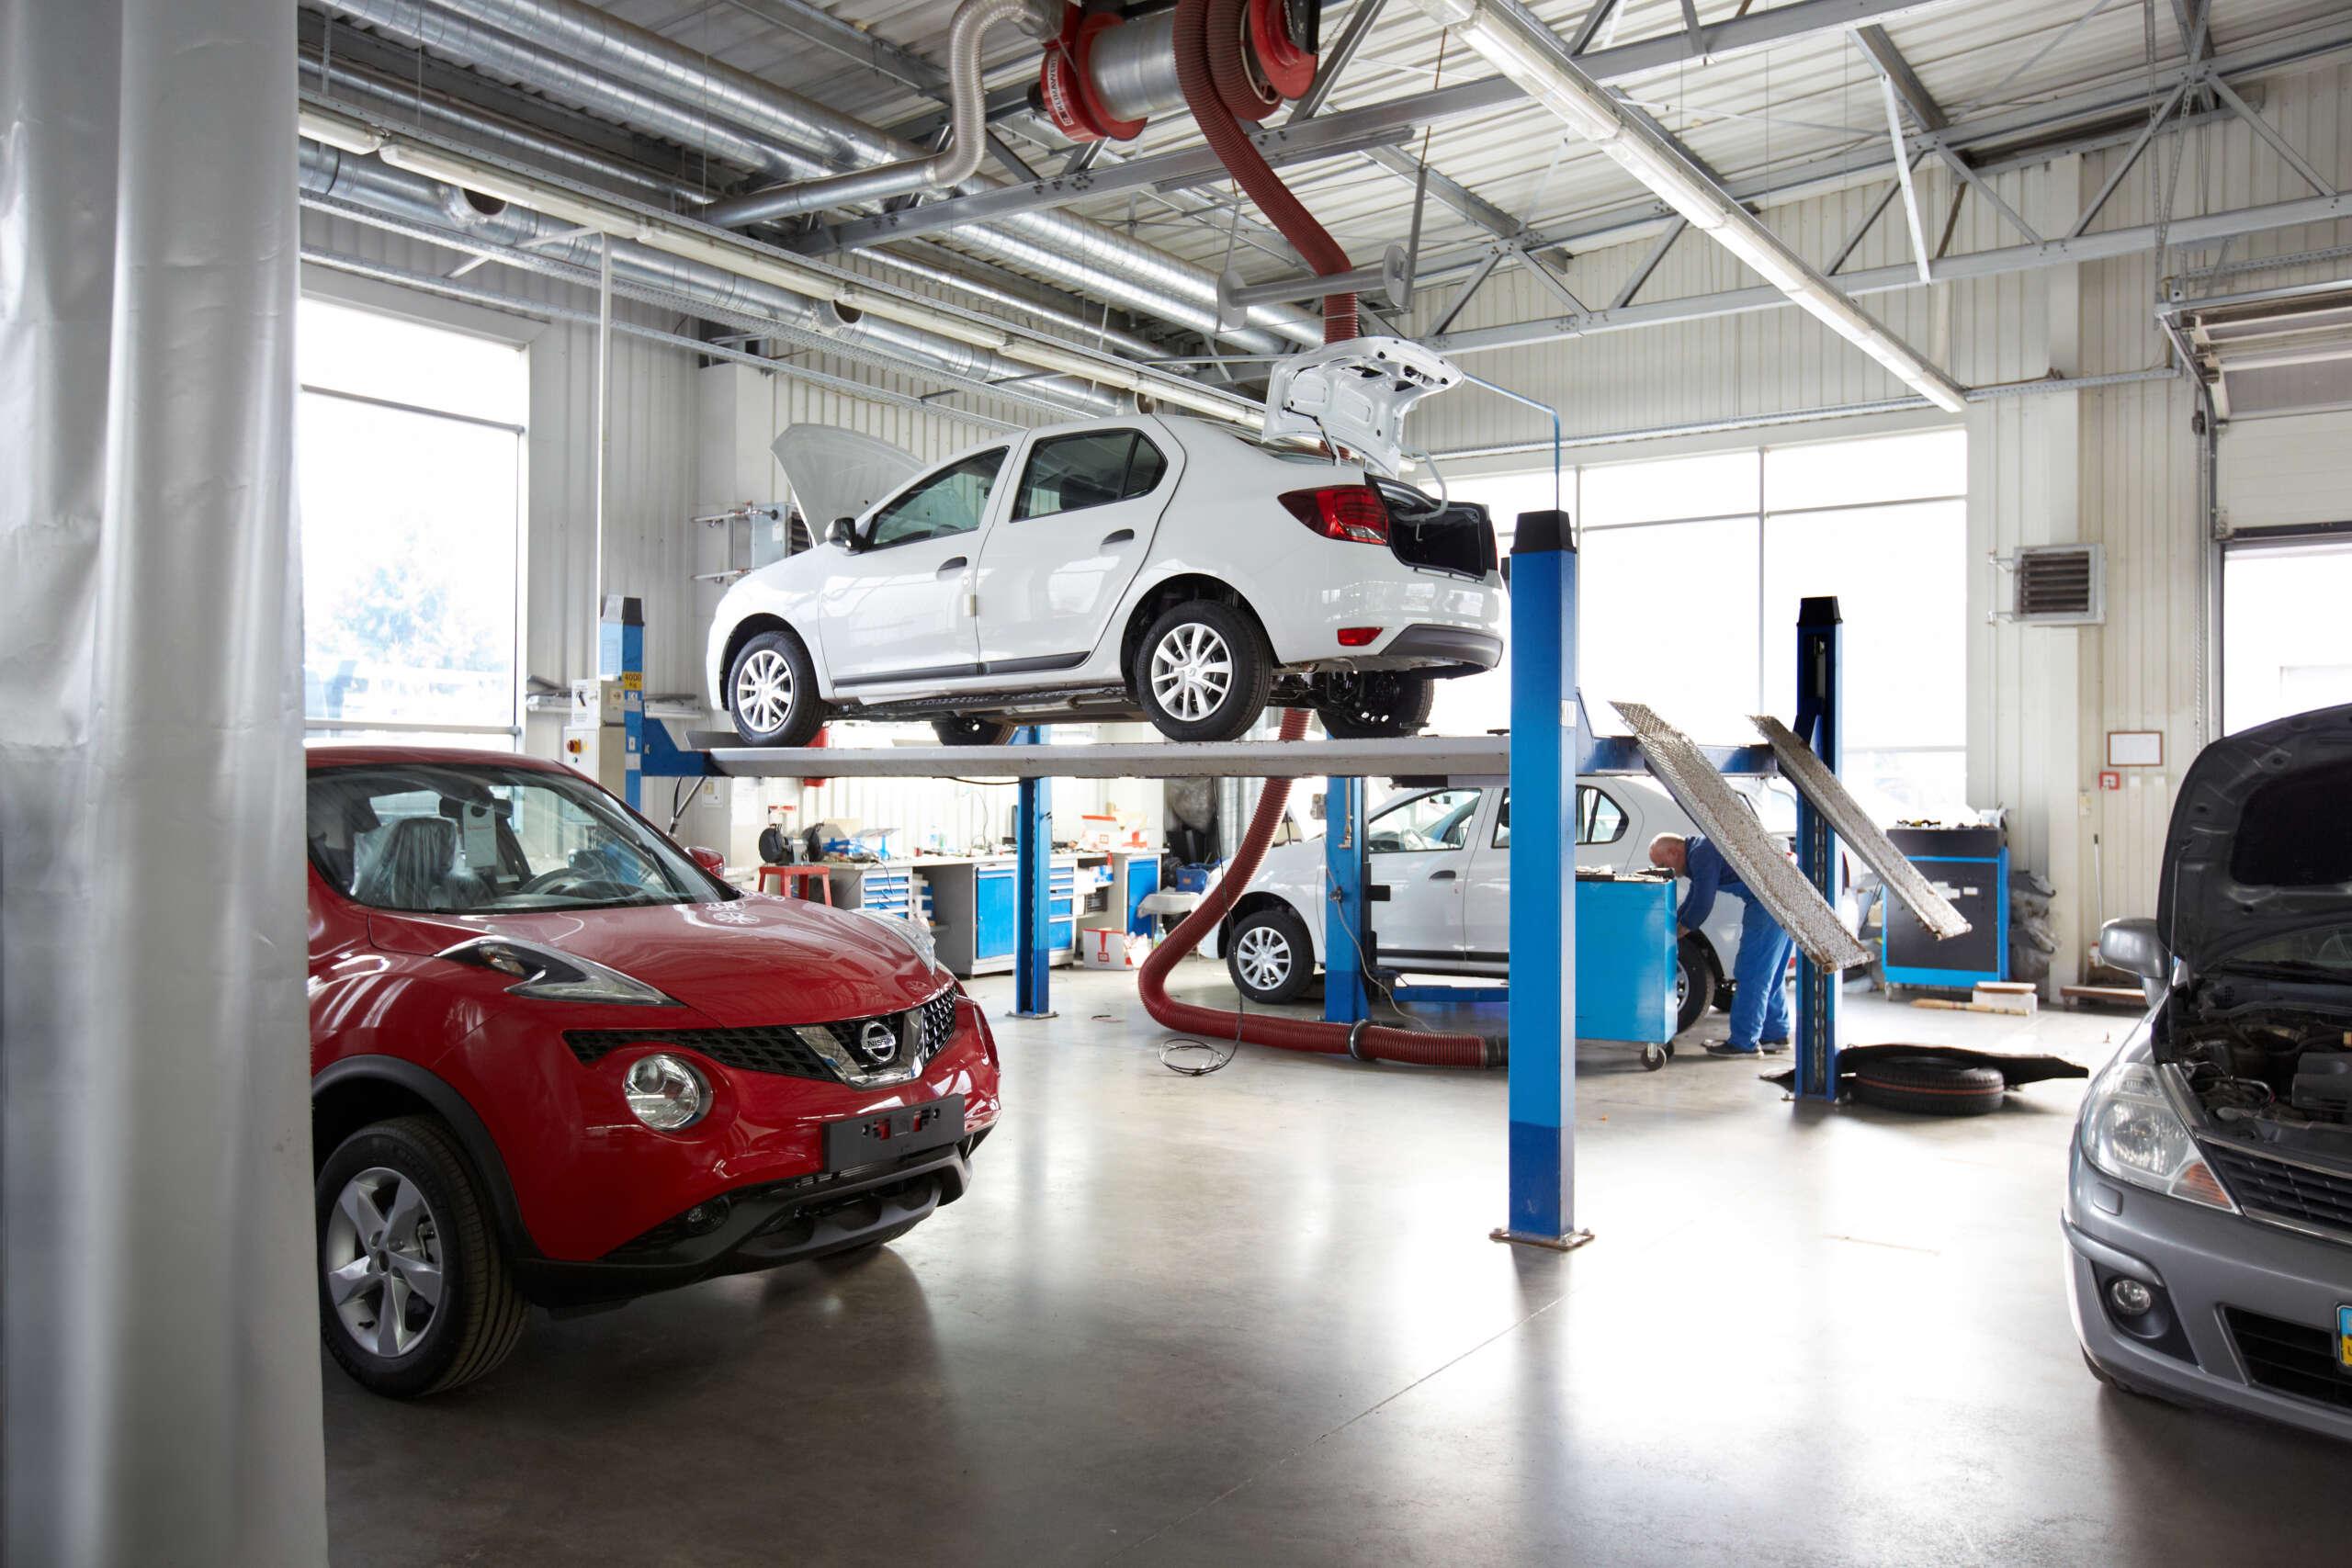 Самые сложные поломки авто: советы по ремонту от профессионалов - фото 1